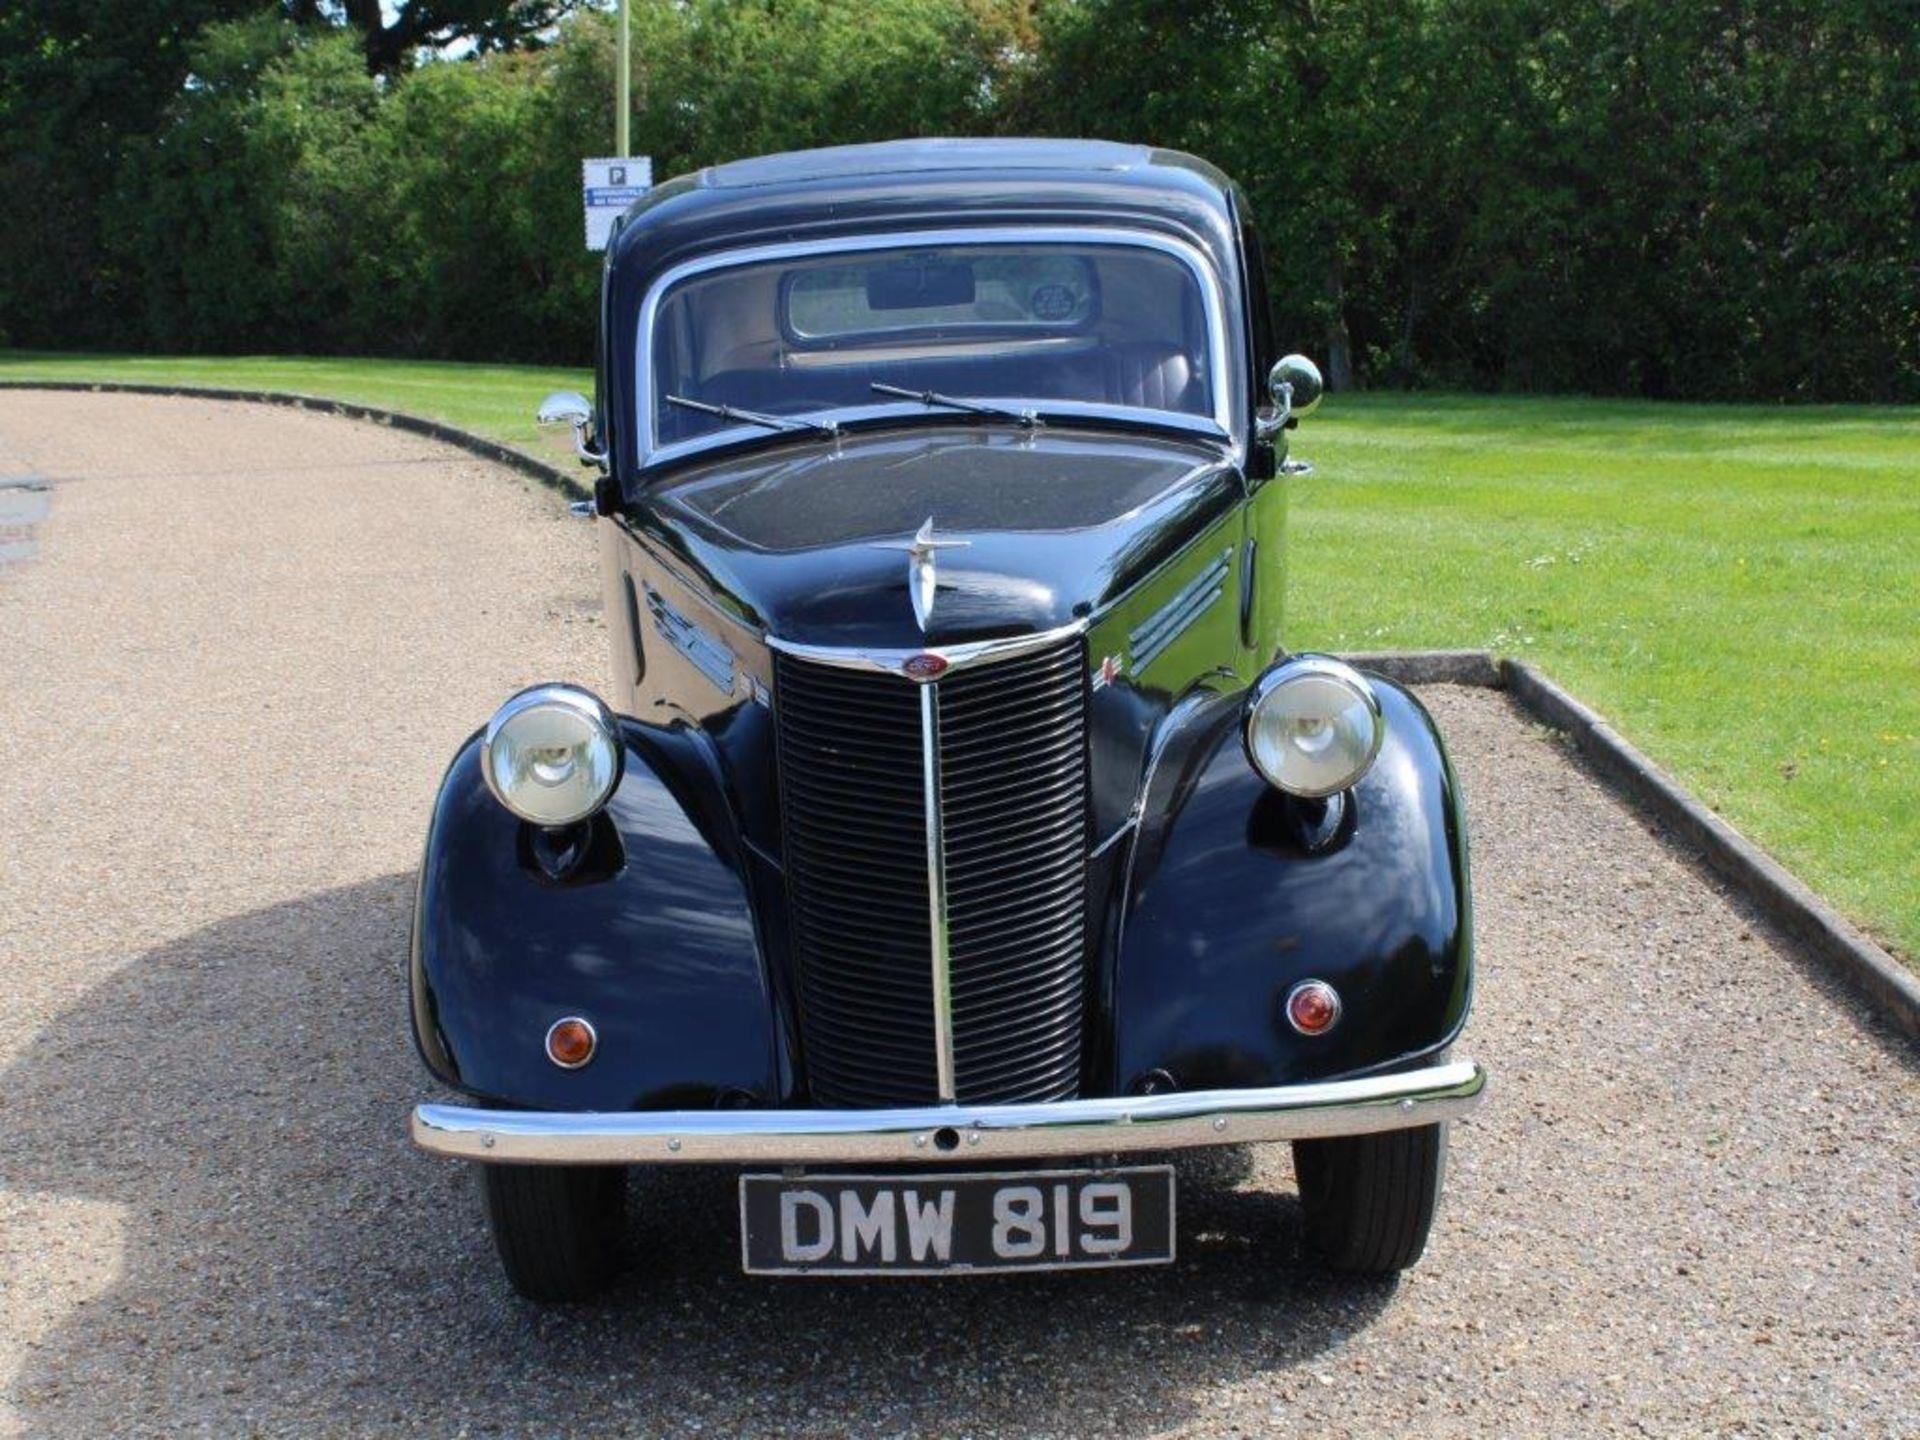 1946 Ford Prefect E93A - Image 2 of 30